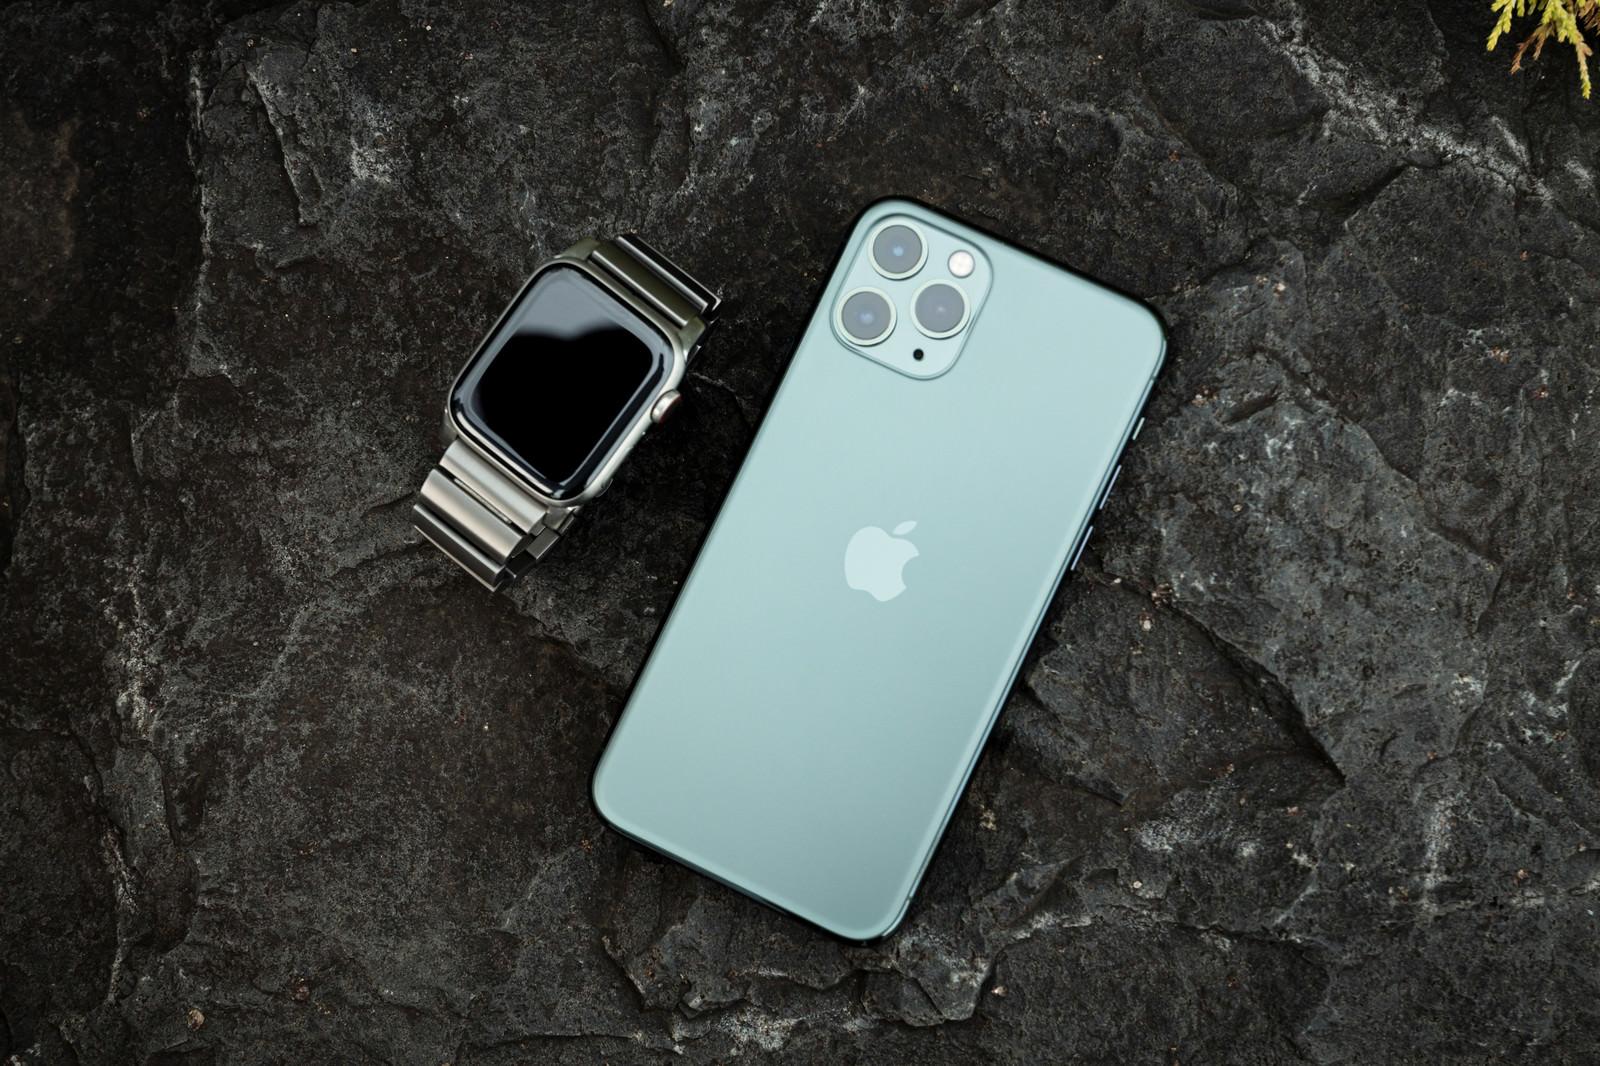 「iPhone 11 Pro ミッドナイトグリーンとApple Watch」の写真